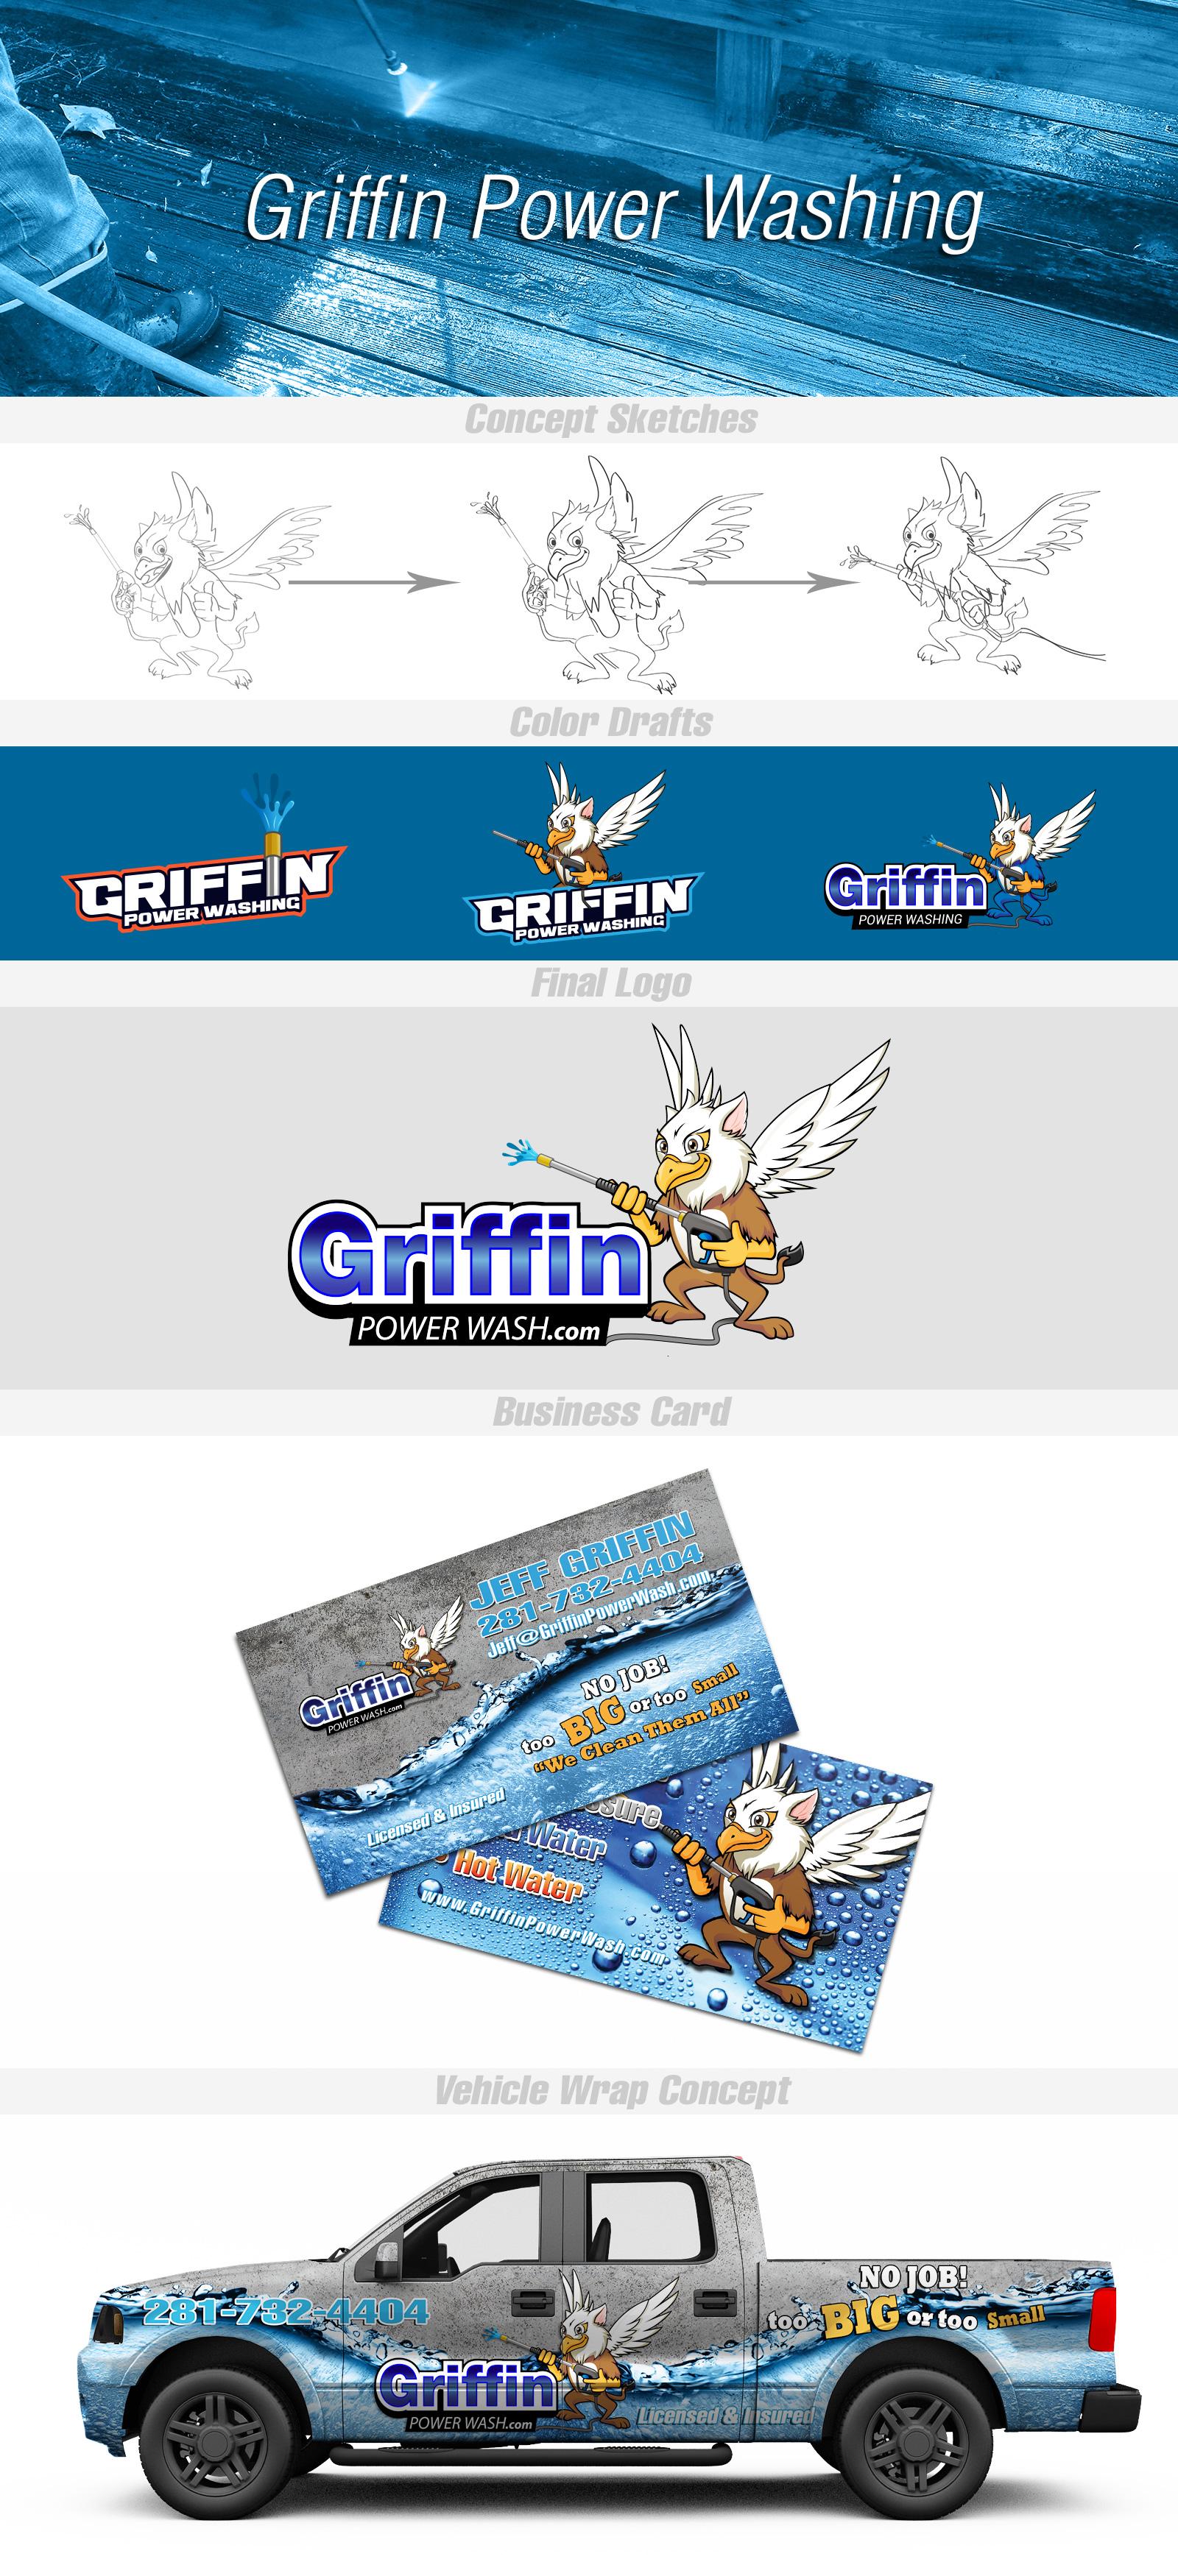 branding-griffin